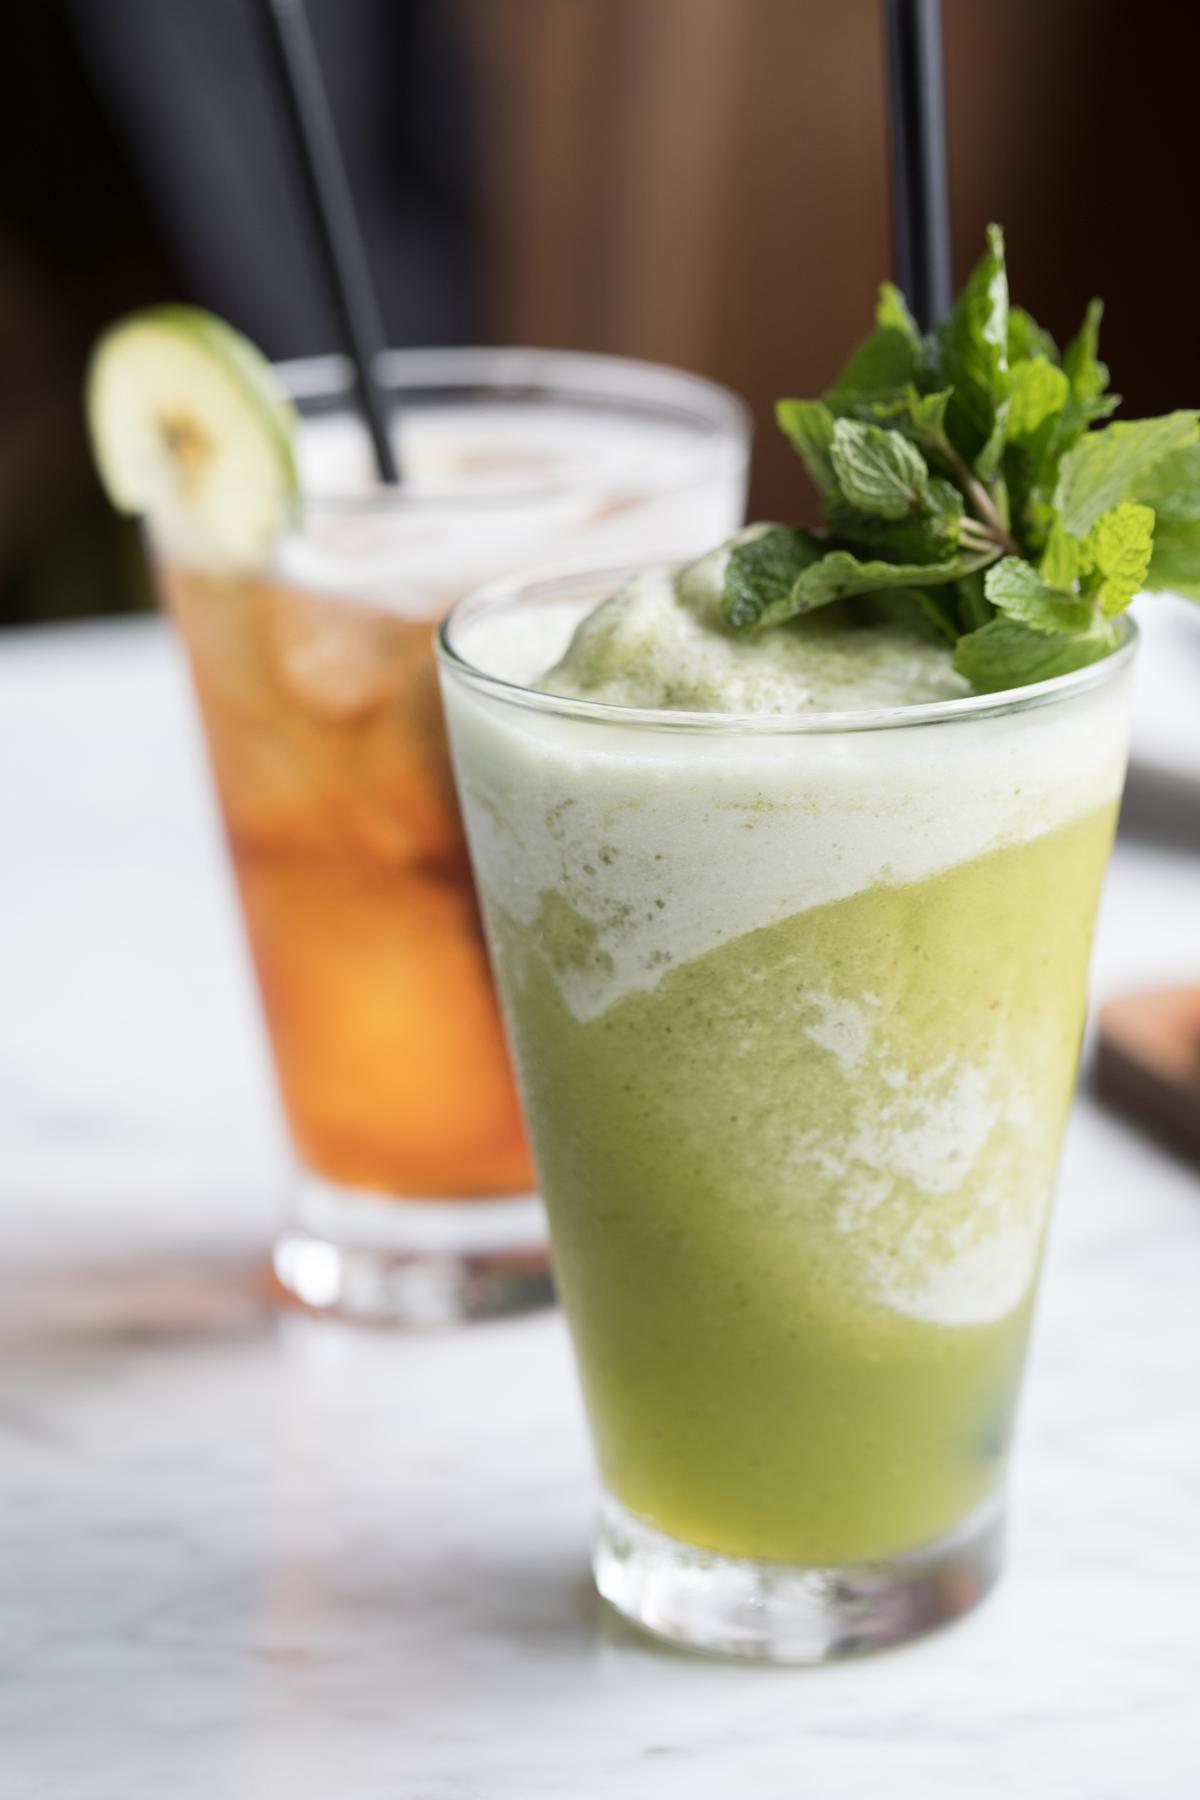 使用新鮮水果及香草打成的冰飲,很適合天氣濕熱的峇里島。(印尼盾35,000元/杯,約NT$79)